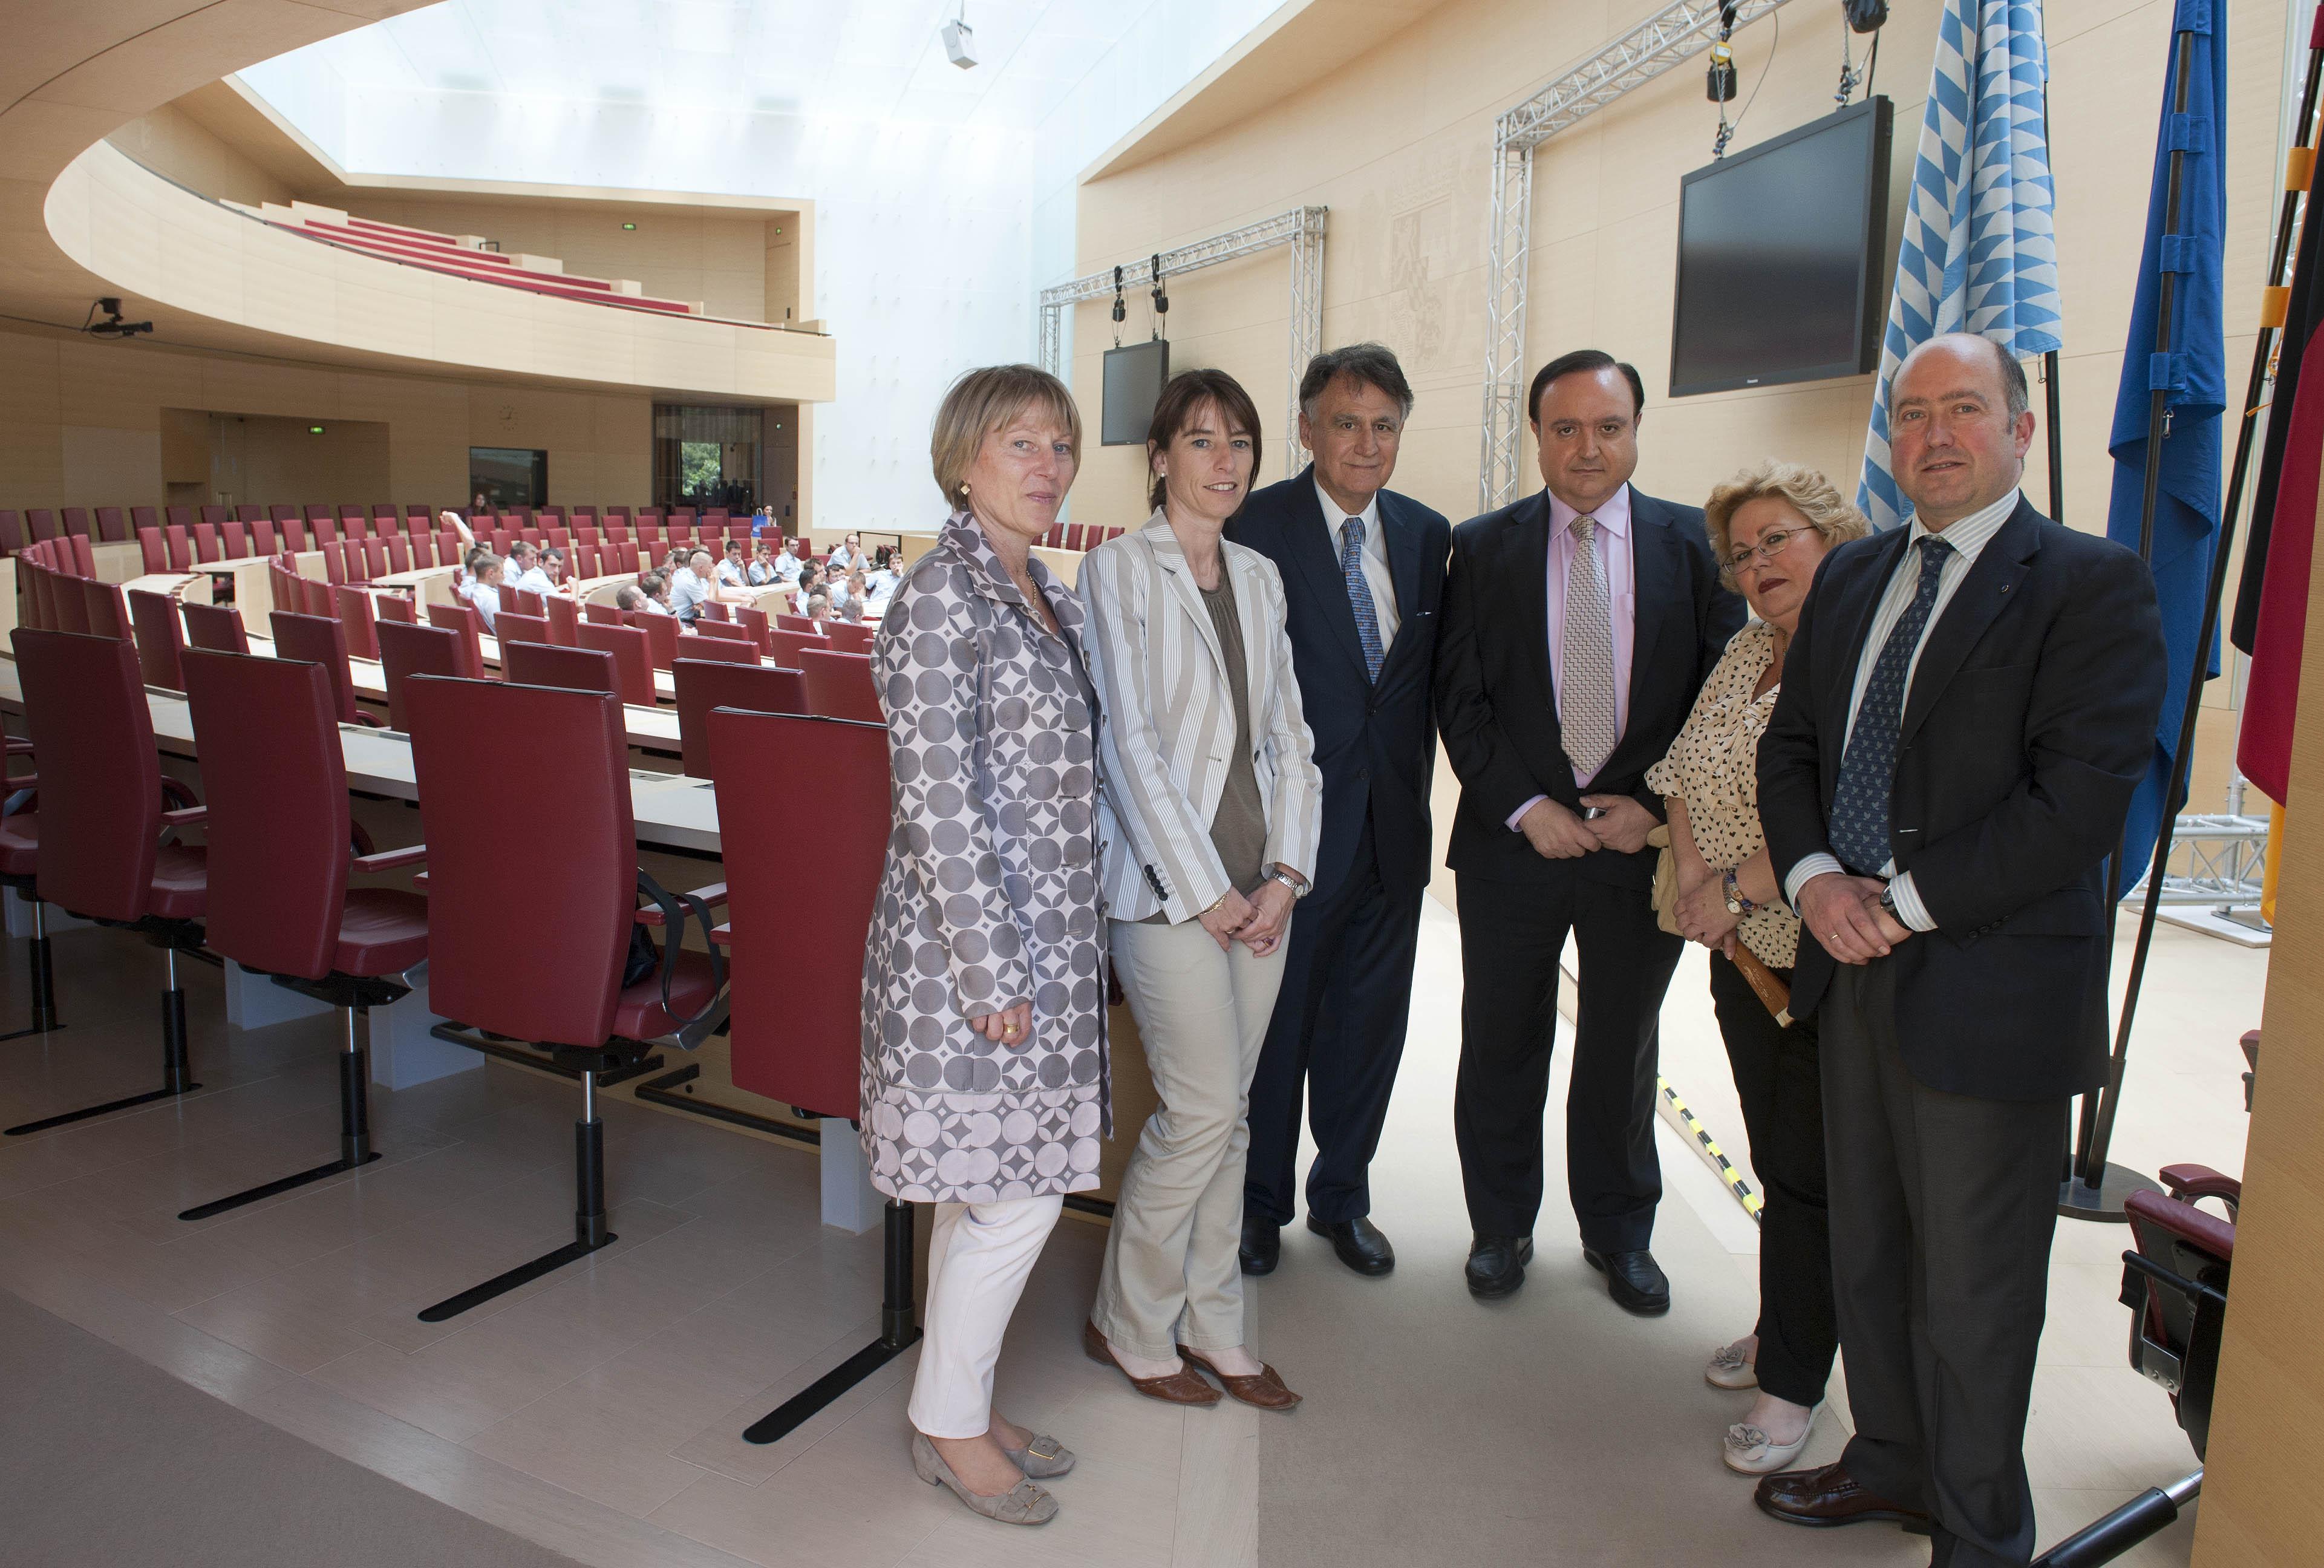 2011_06_07_munich_parlamentarios_parlamento.jpg